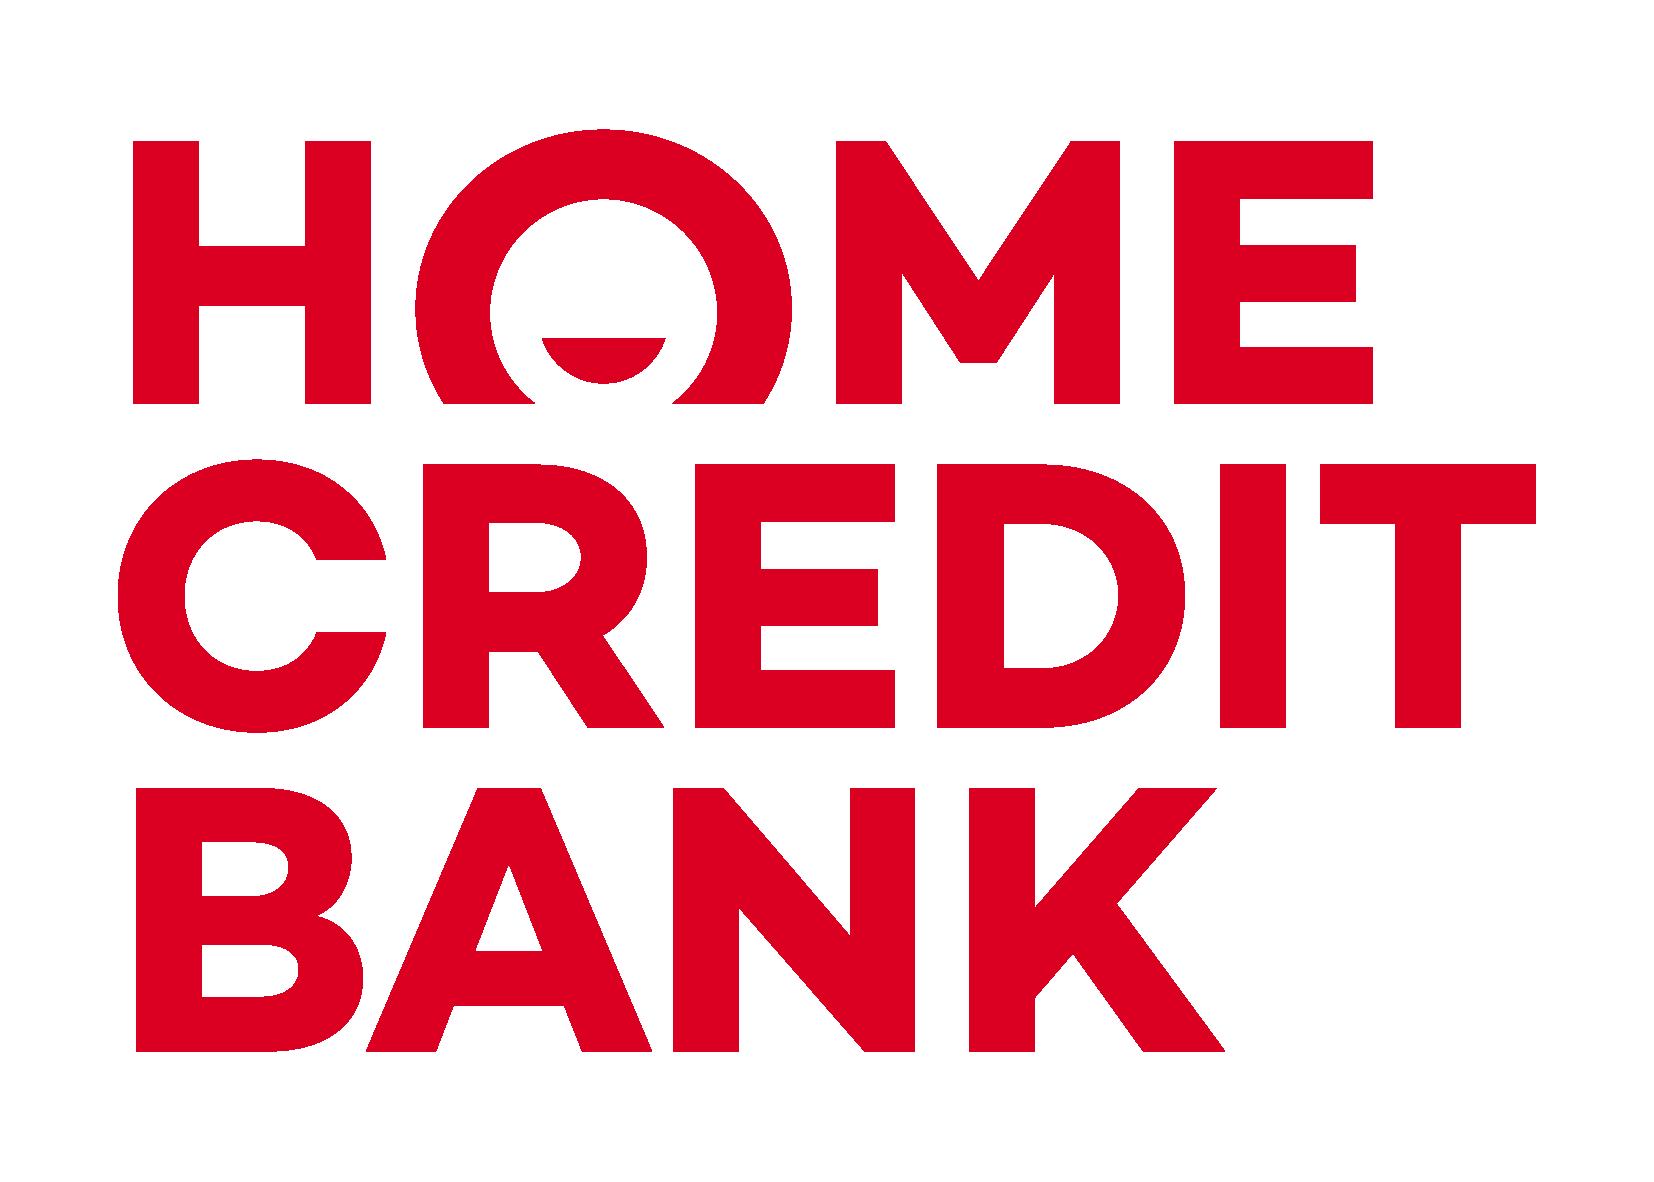 Где выгодно взять потребительский кредит в ижевске